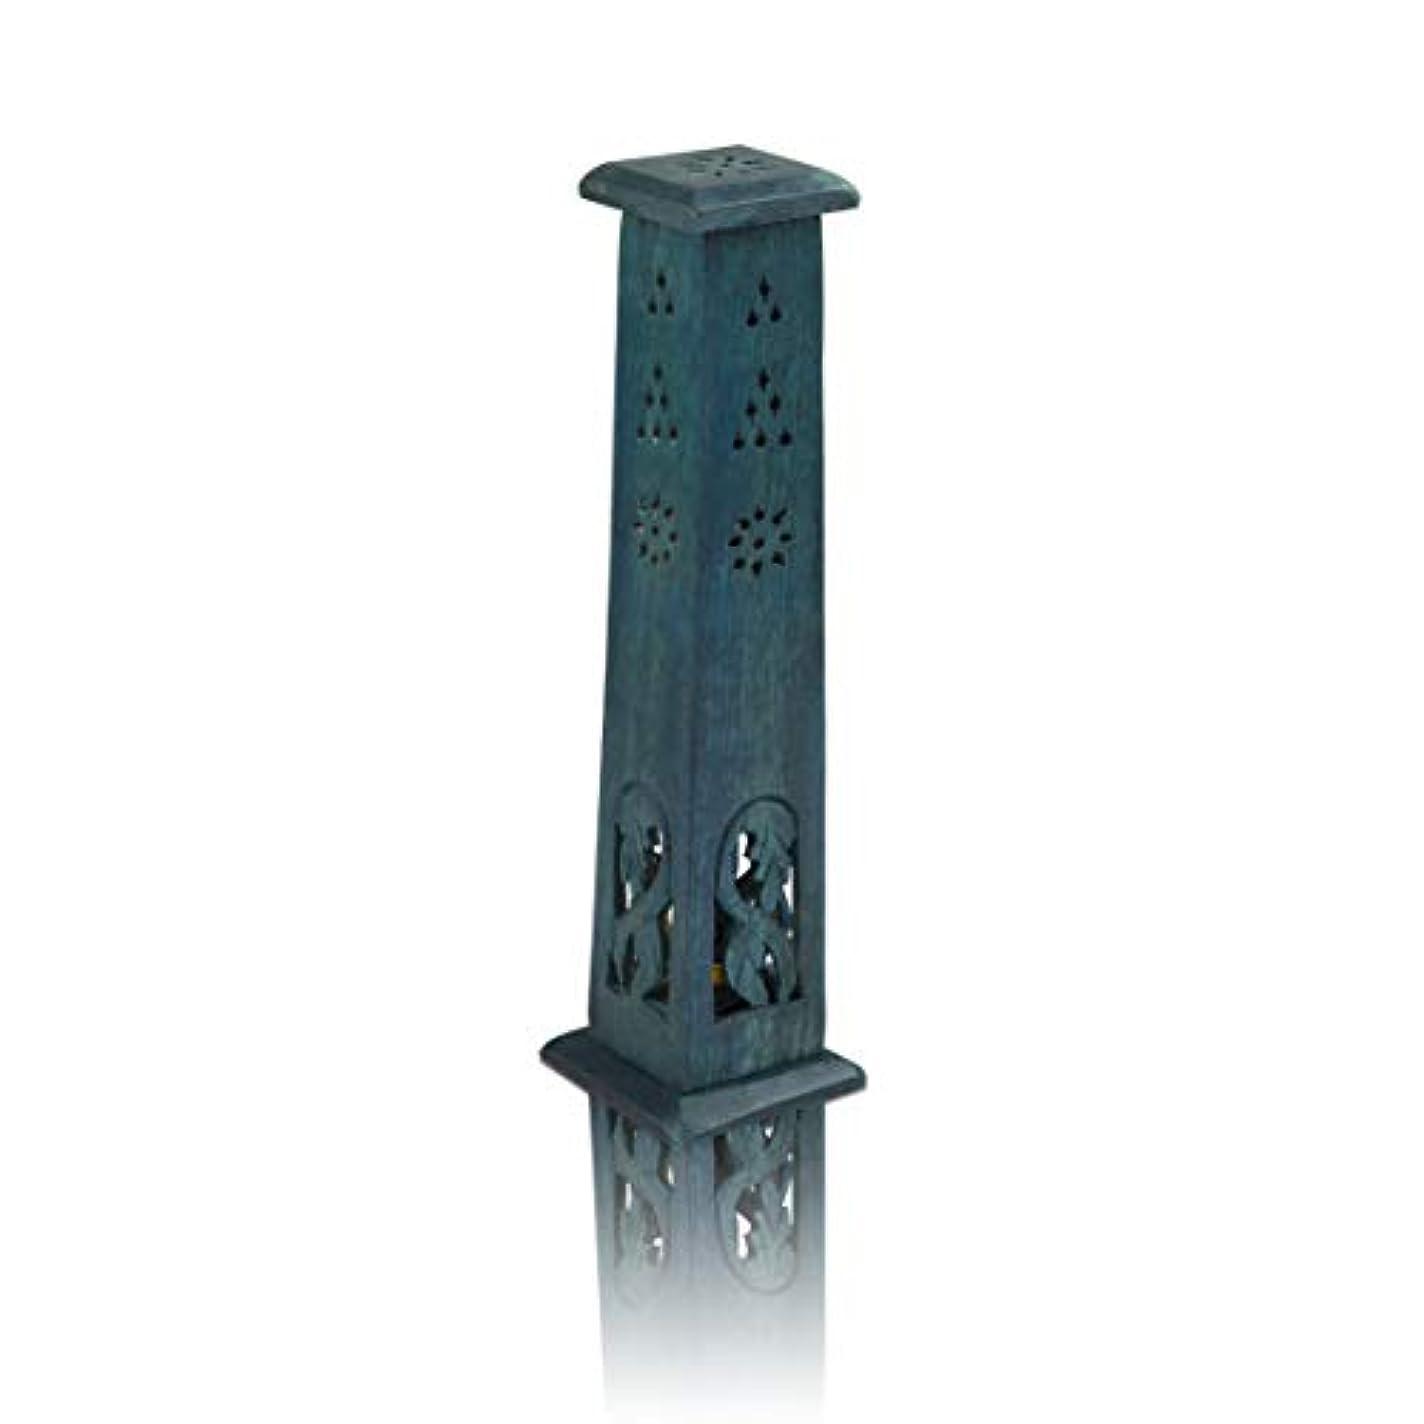 彼らのラテンメイド木製お香スティック&コーンバーナーホルダー タワー ラージ オーガニック エコフレンドリー アッシュキャッチャー アガーバティホルダー 素朴なスタイル 手彫り 瞑想 ヨガ アロマセラピー ホームフレグランス製品